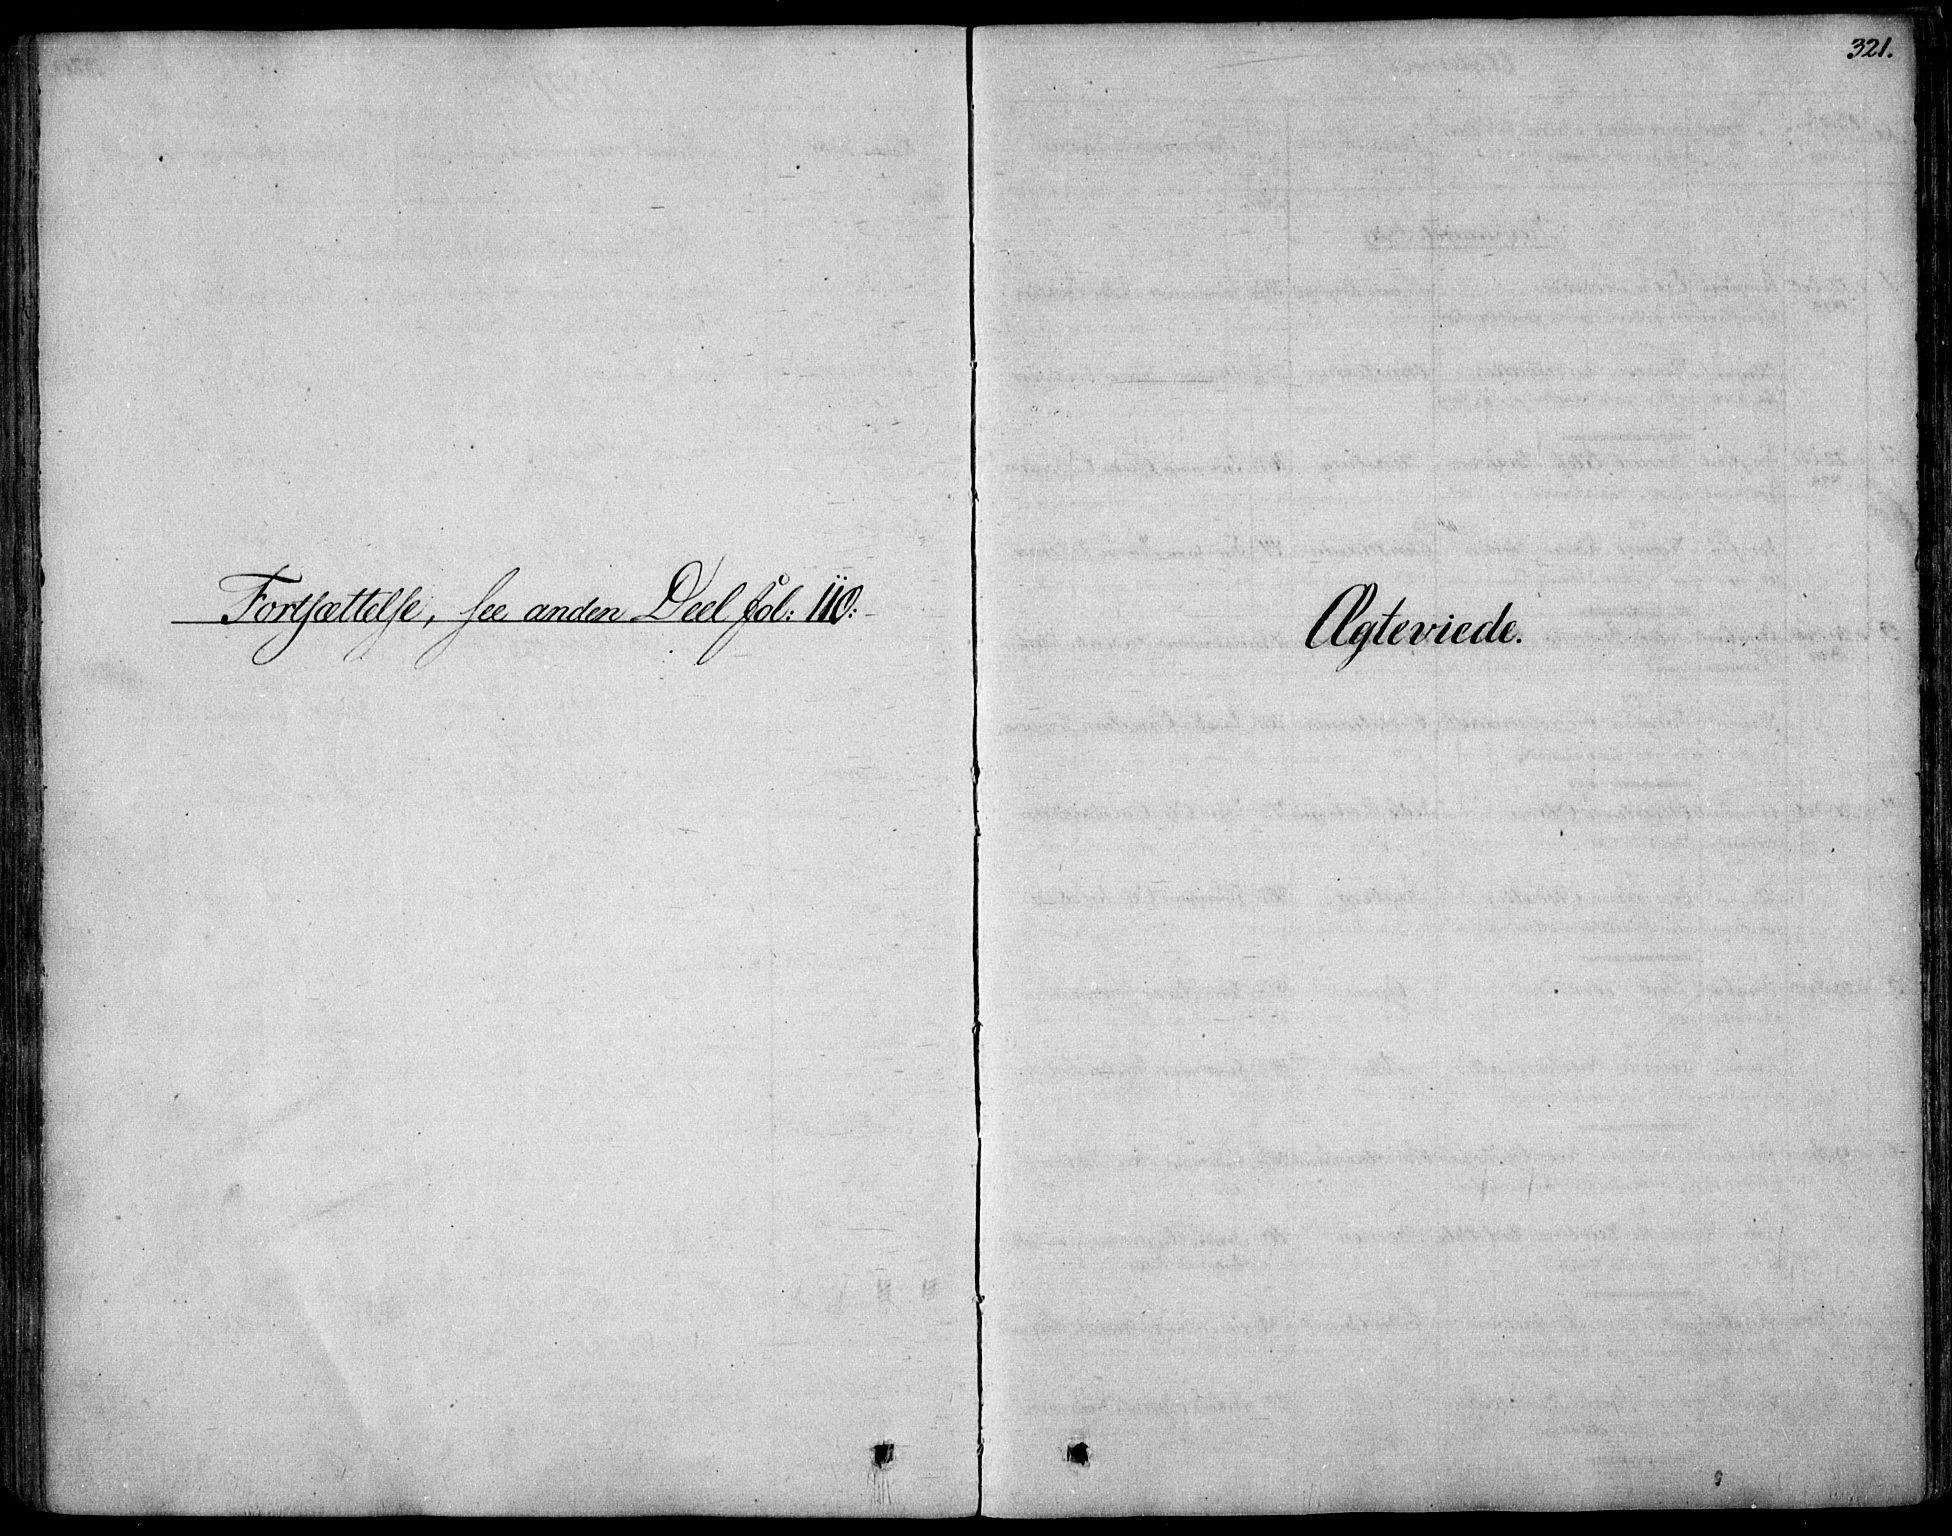 SAO, Garnisonsmenigheten Kirkebøker, F/Fa/L0006: Ministerialbok nr. 6, 1828-1841, s. 321